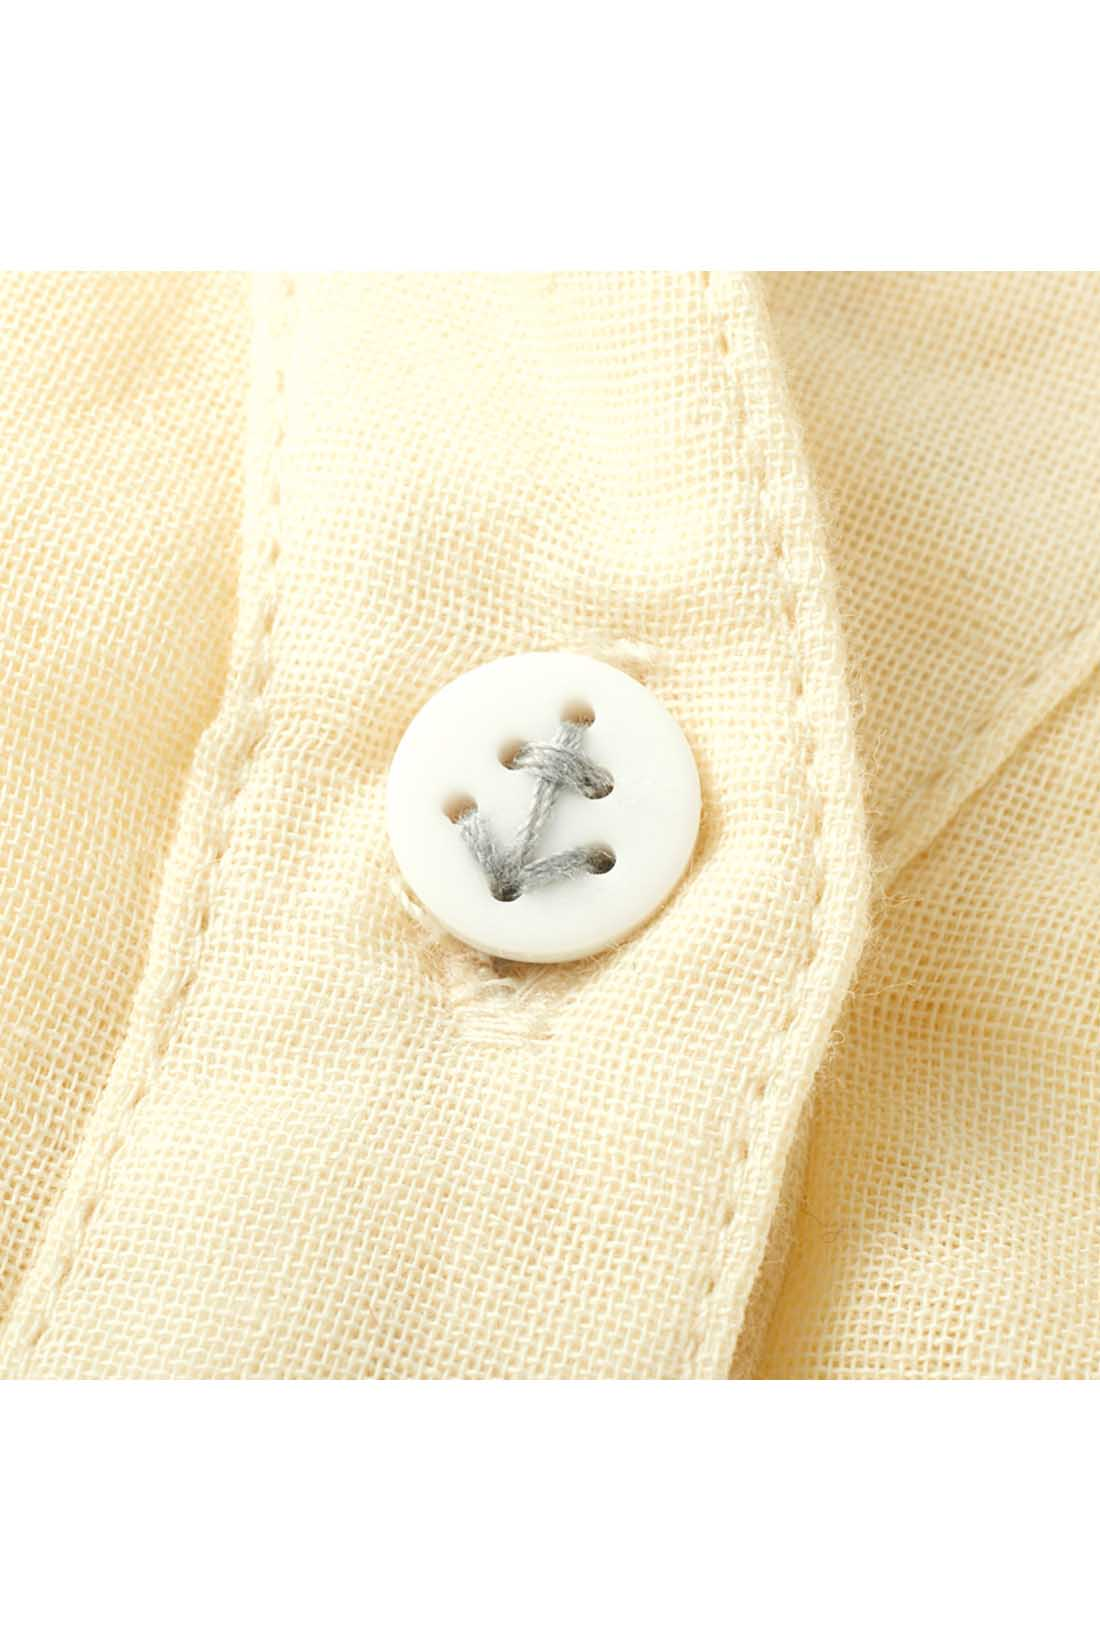 一番上のボタンは、さりげなくおしゃれなイカリマーク入り。